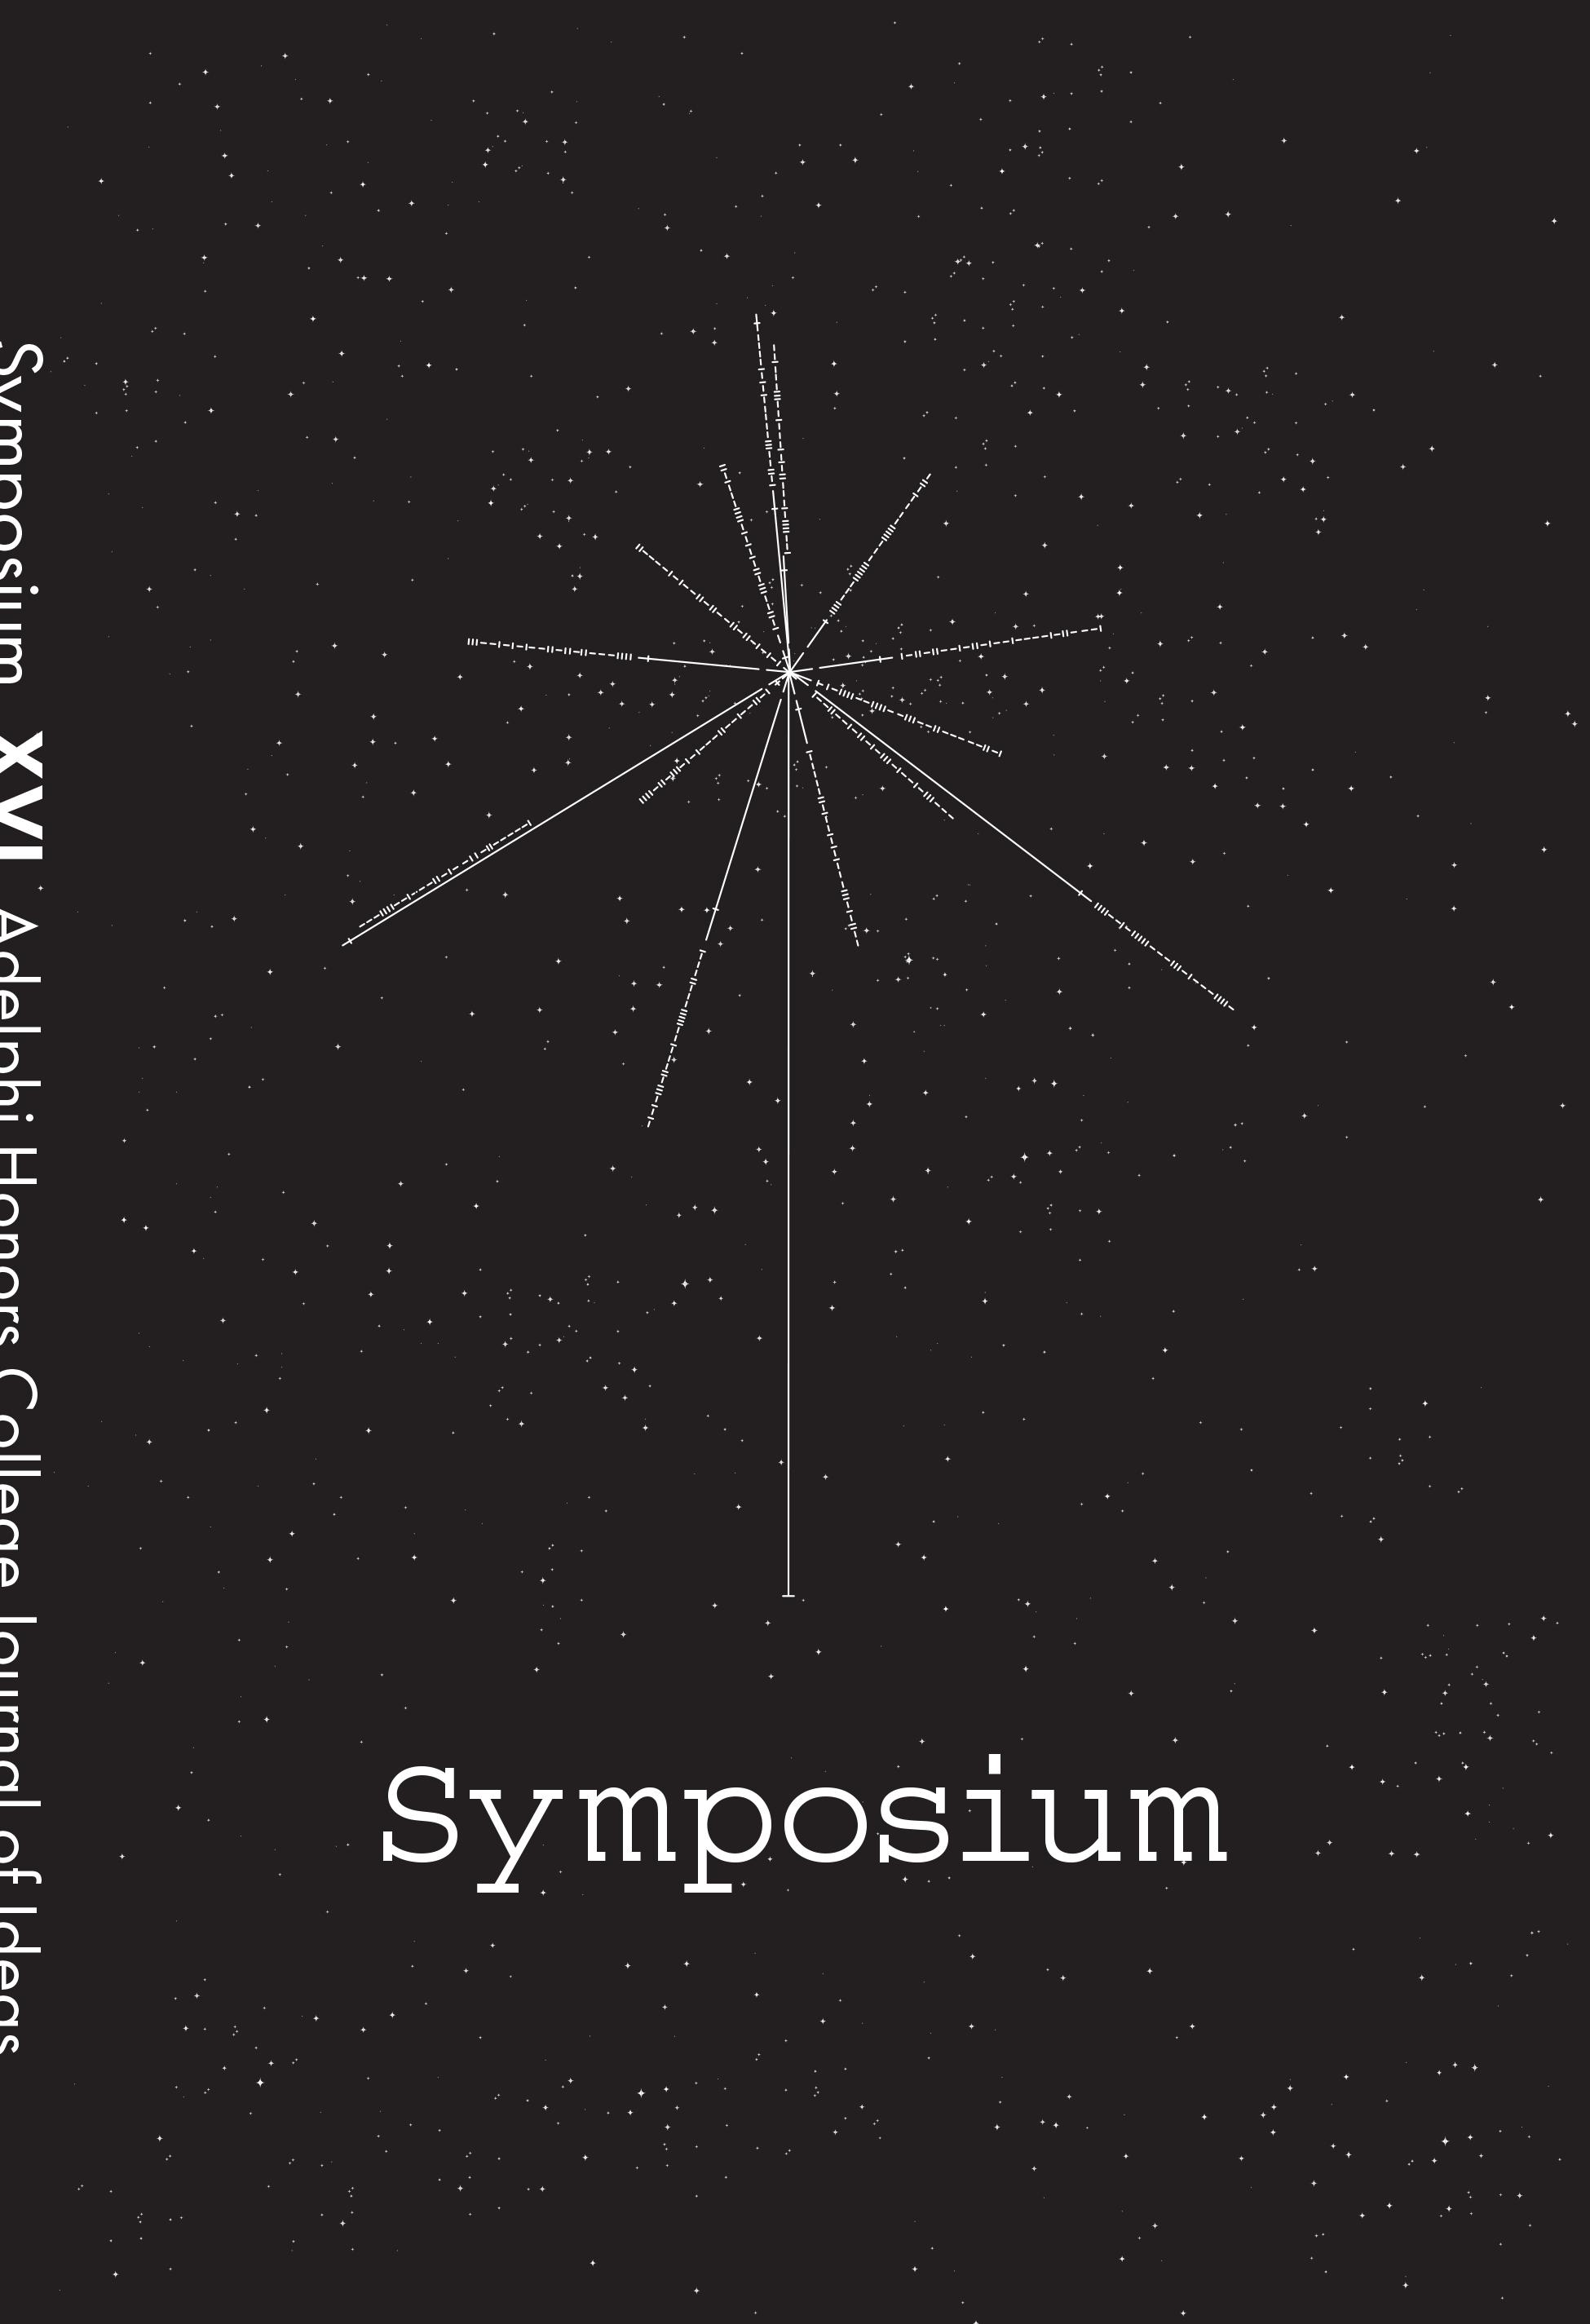 Symposium, vol. XVI